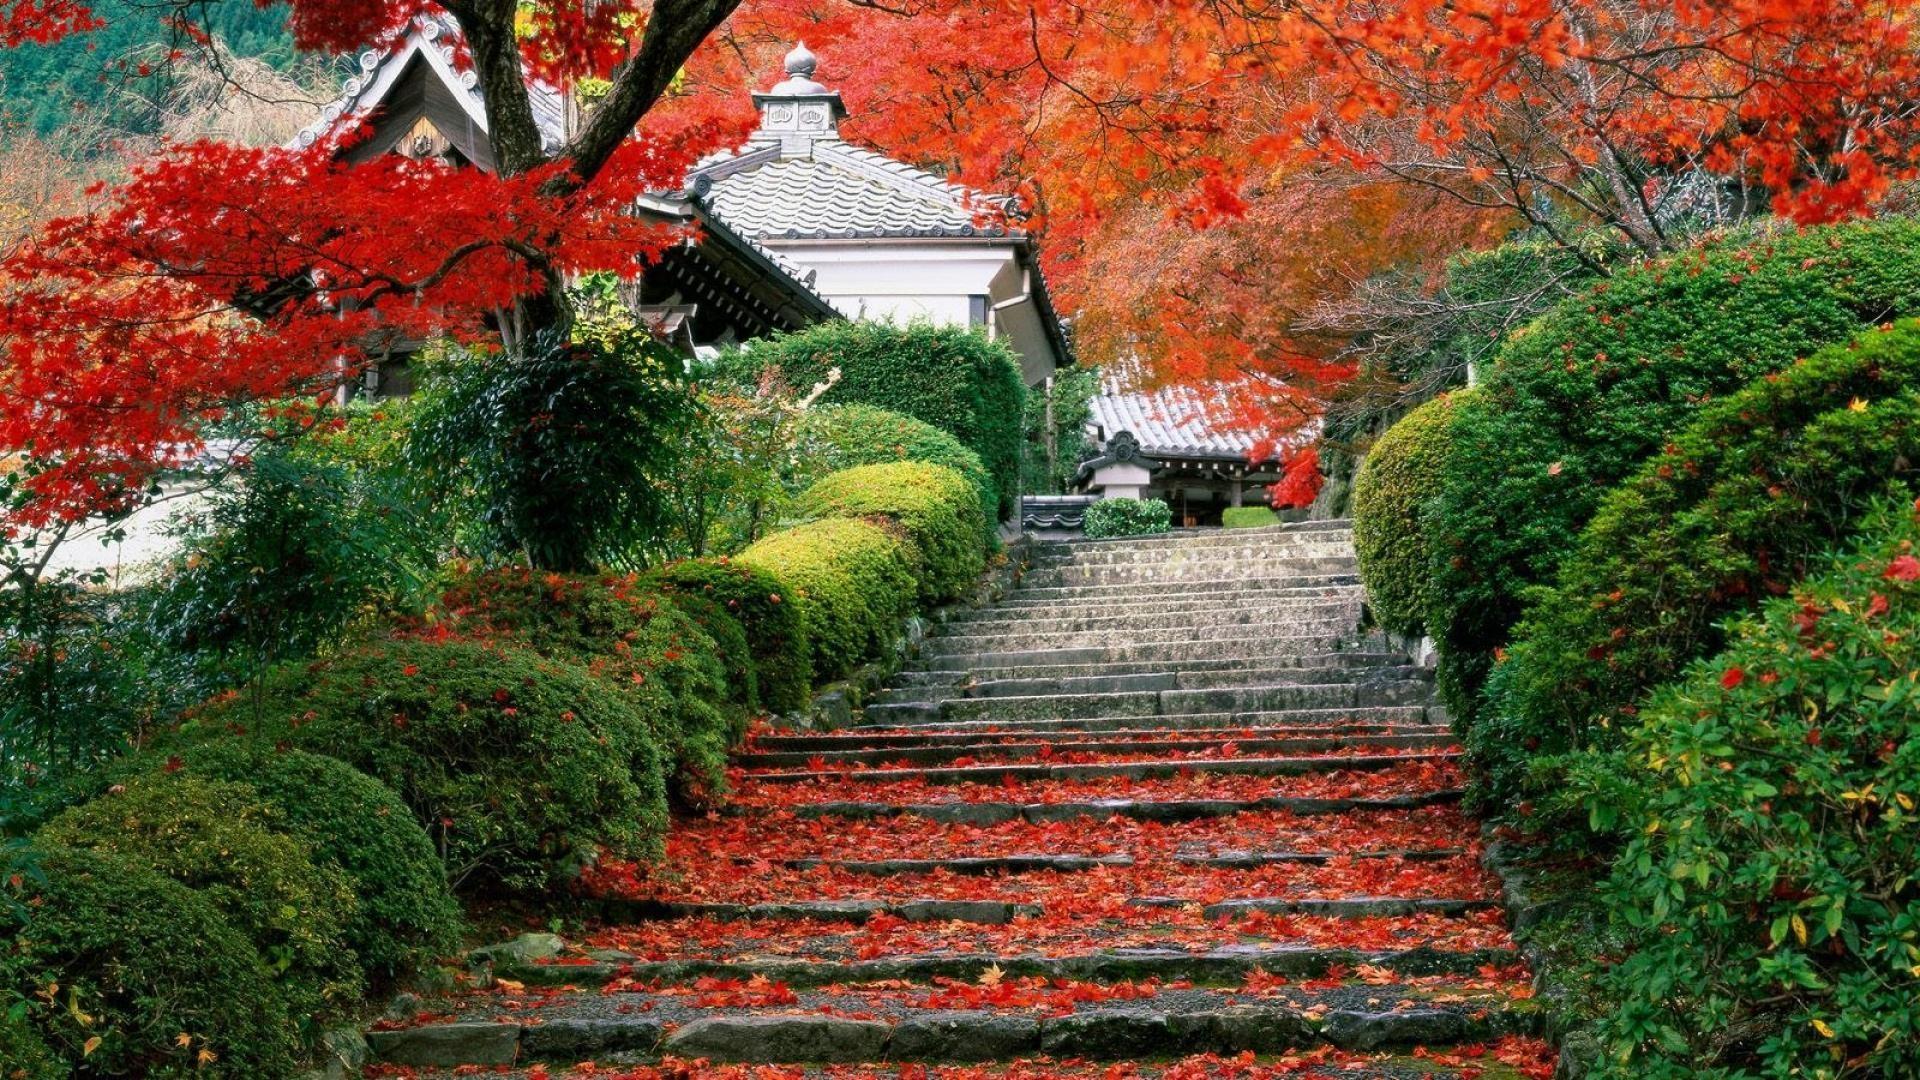 1920x1080 Japanese Garden Wallpaper Download Top